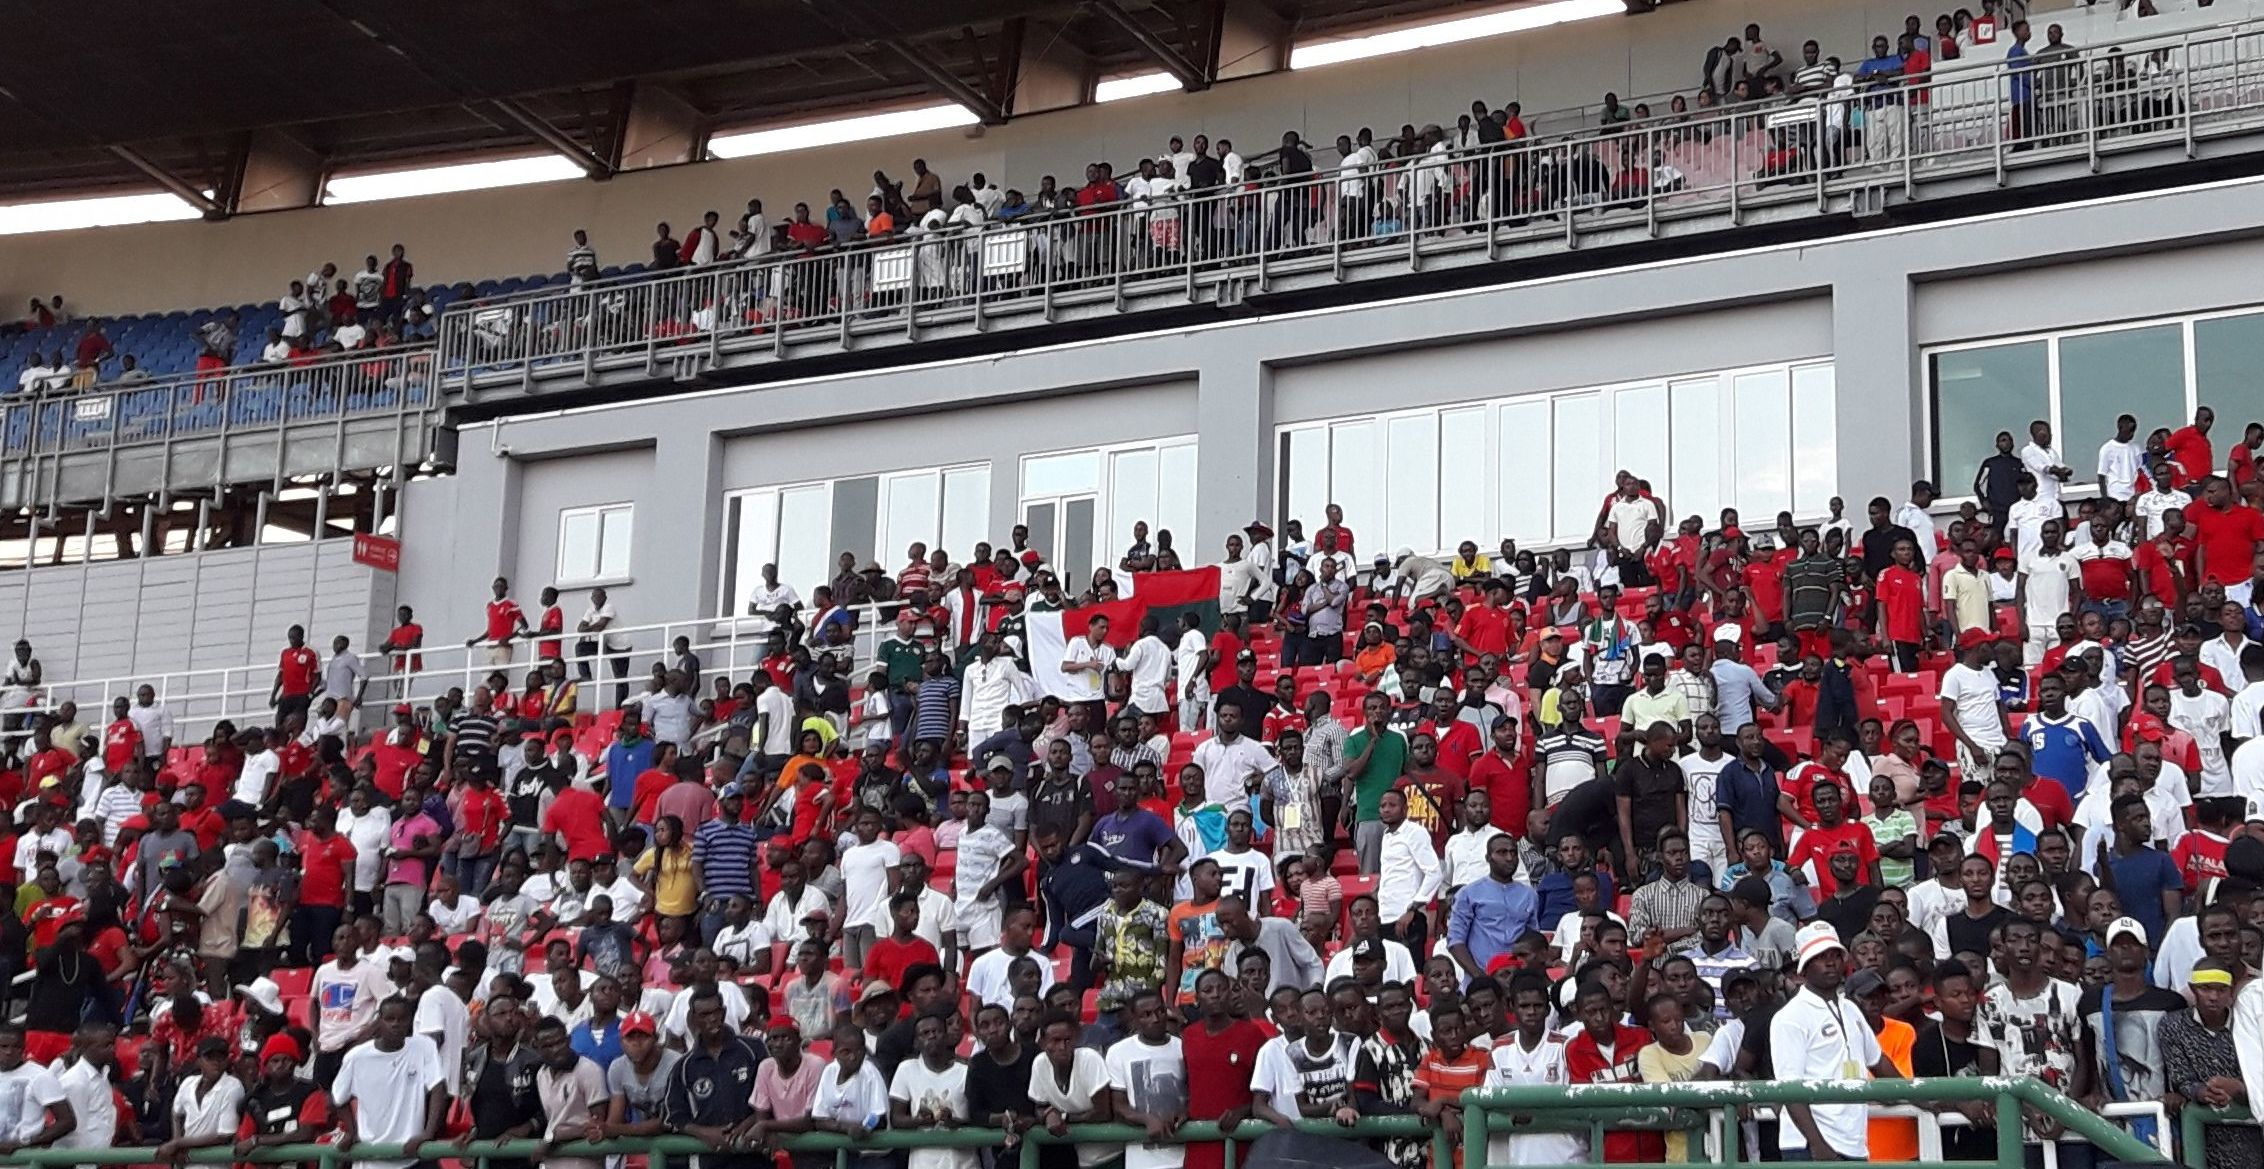 Le football féminin attire les spectateurs dans les stades africains. Ici, la Guinée équatoriale contre le Kenya, à Malabo, lors des éliminatoires de la CAN féminine 2018. © Sputnik, Fabien Essiane.